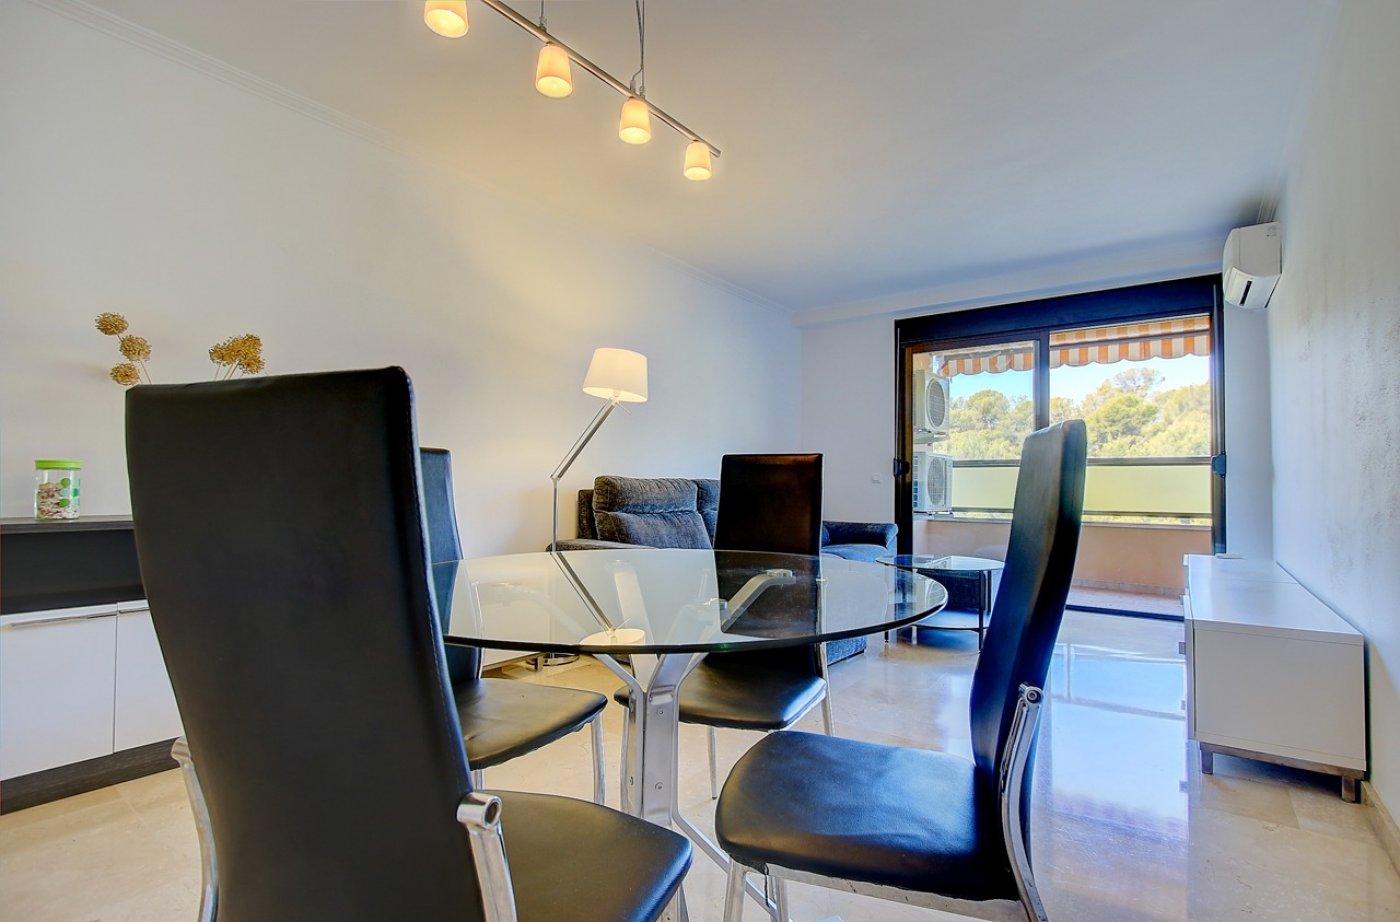 Apartamento · Palma De Mallorca · Cala Major 800€ MES€